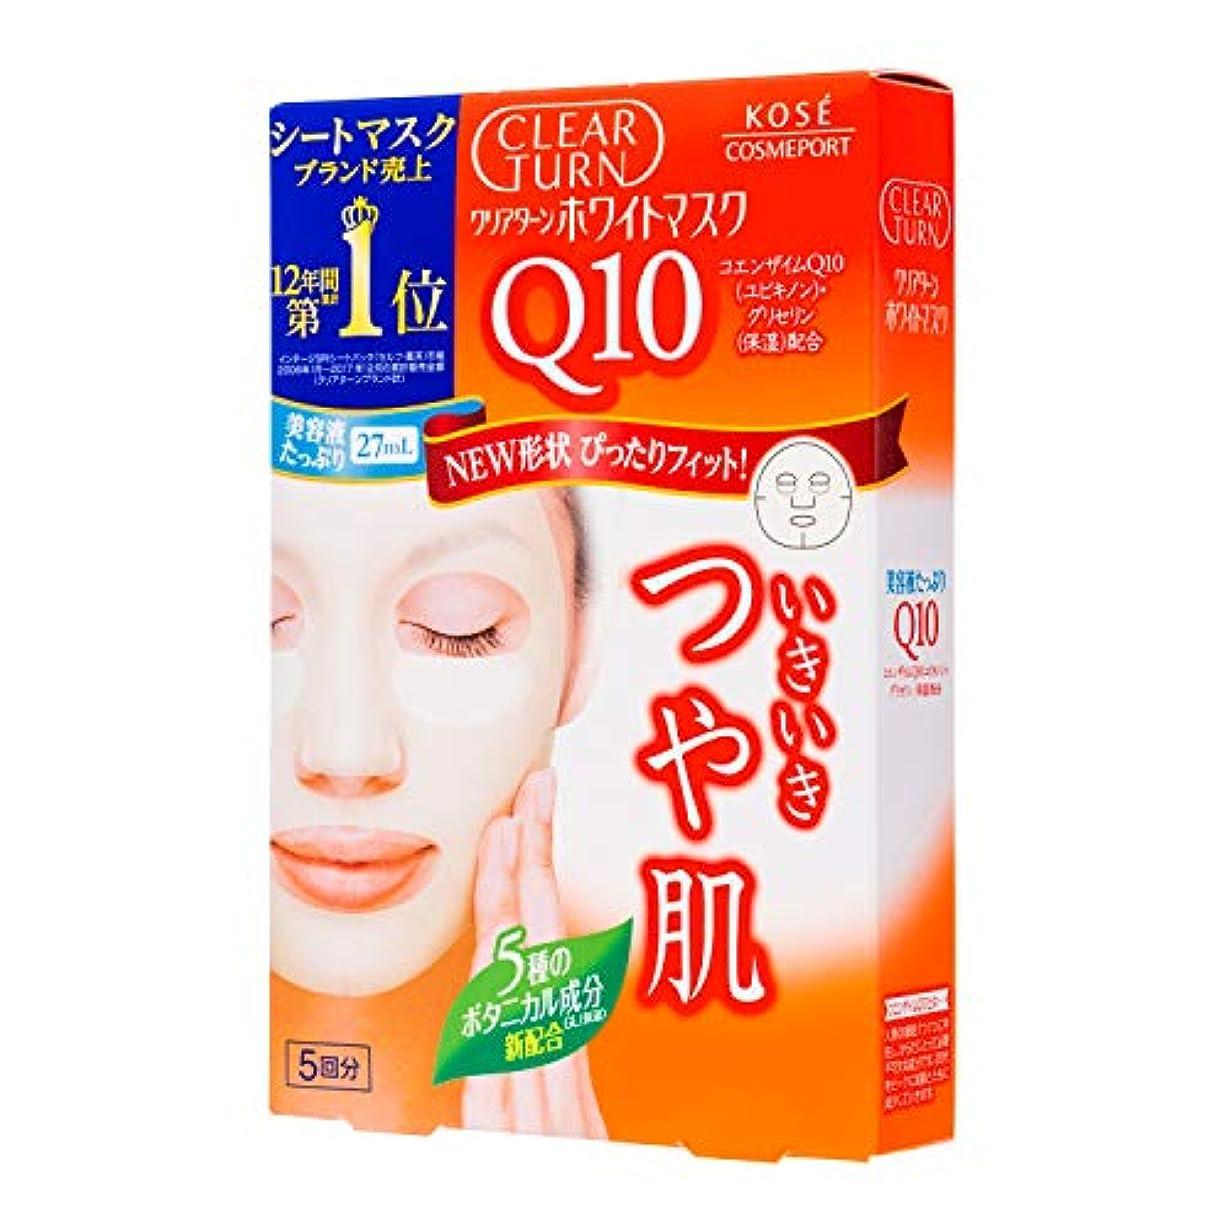 水差しエンティティ代表するクリアターン ホワイト マスク Q10 c (コエンザイムQ10) 5回分